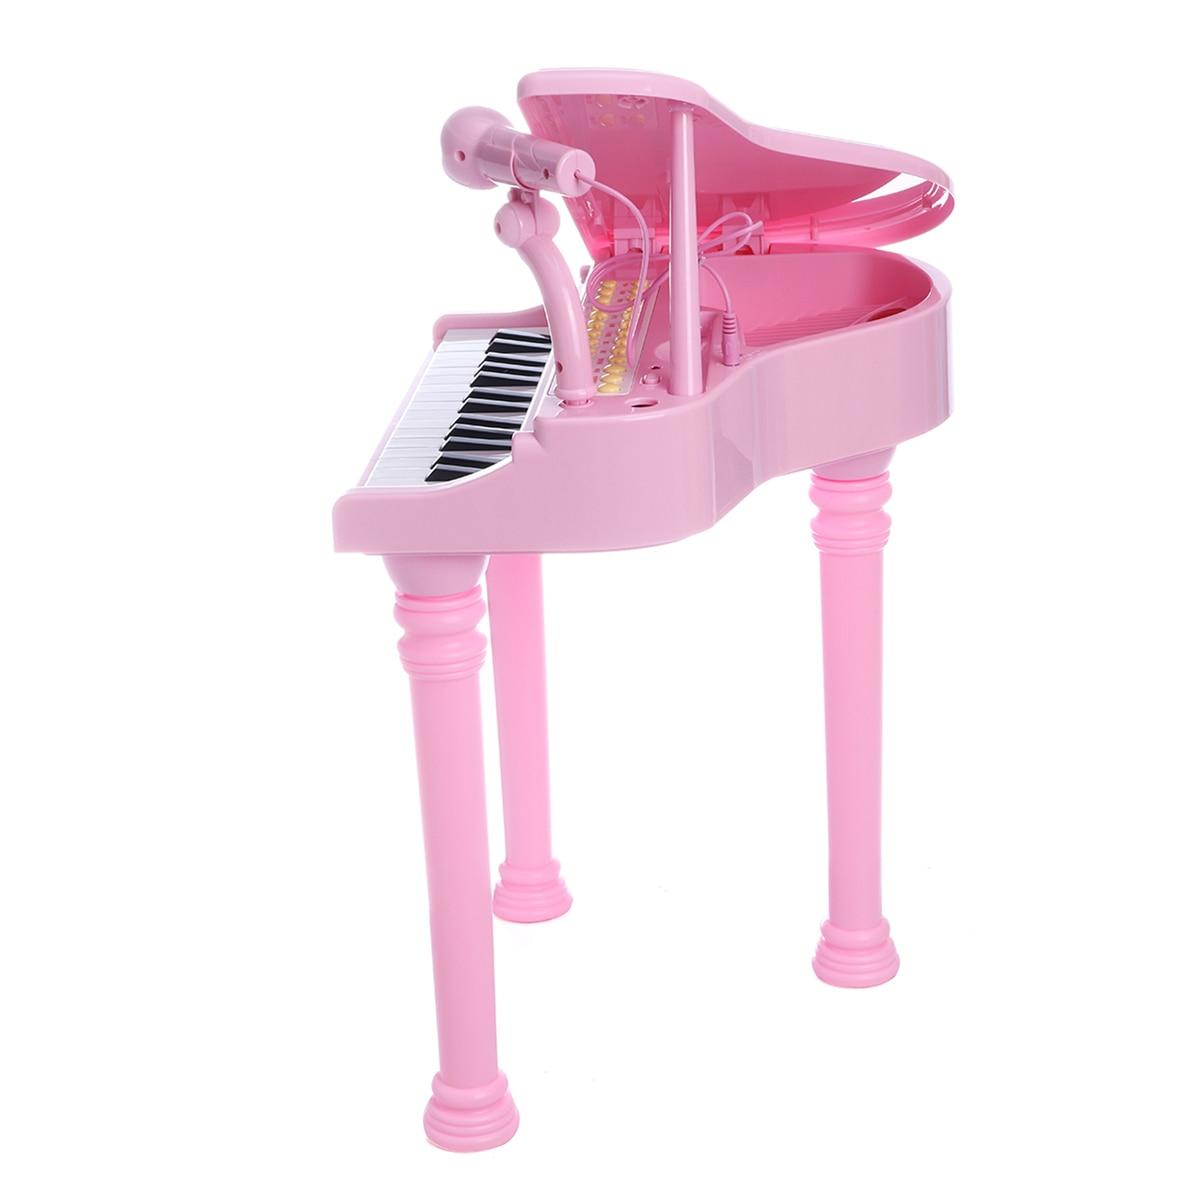 31 touches enfants Piano jouets clavier électronique Piano lumière Microphone apprentissage jouets Instrument de musique enfants cadeau 3 couleurs - 3